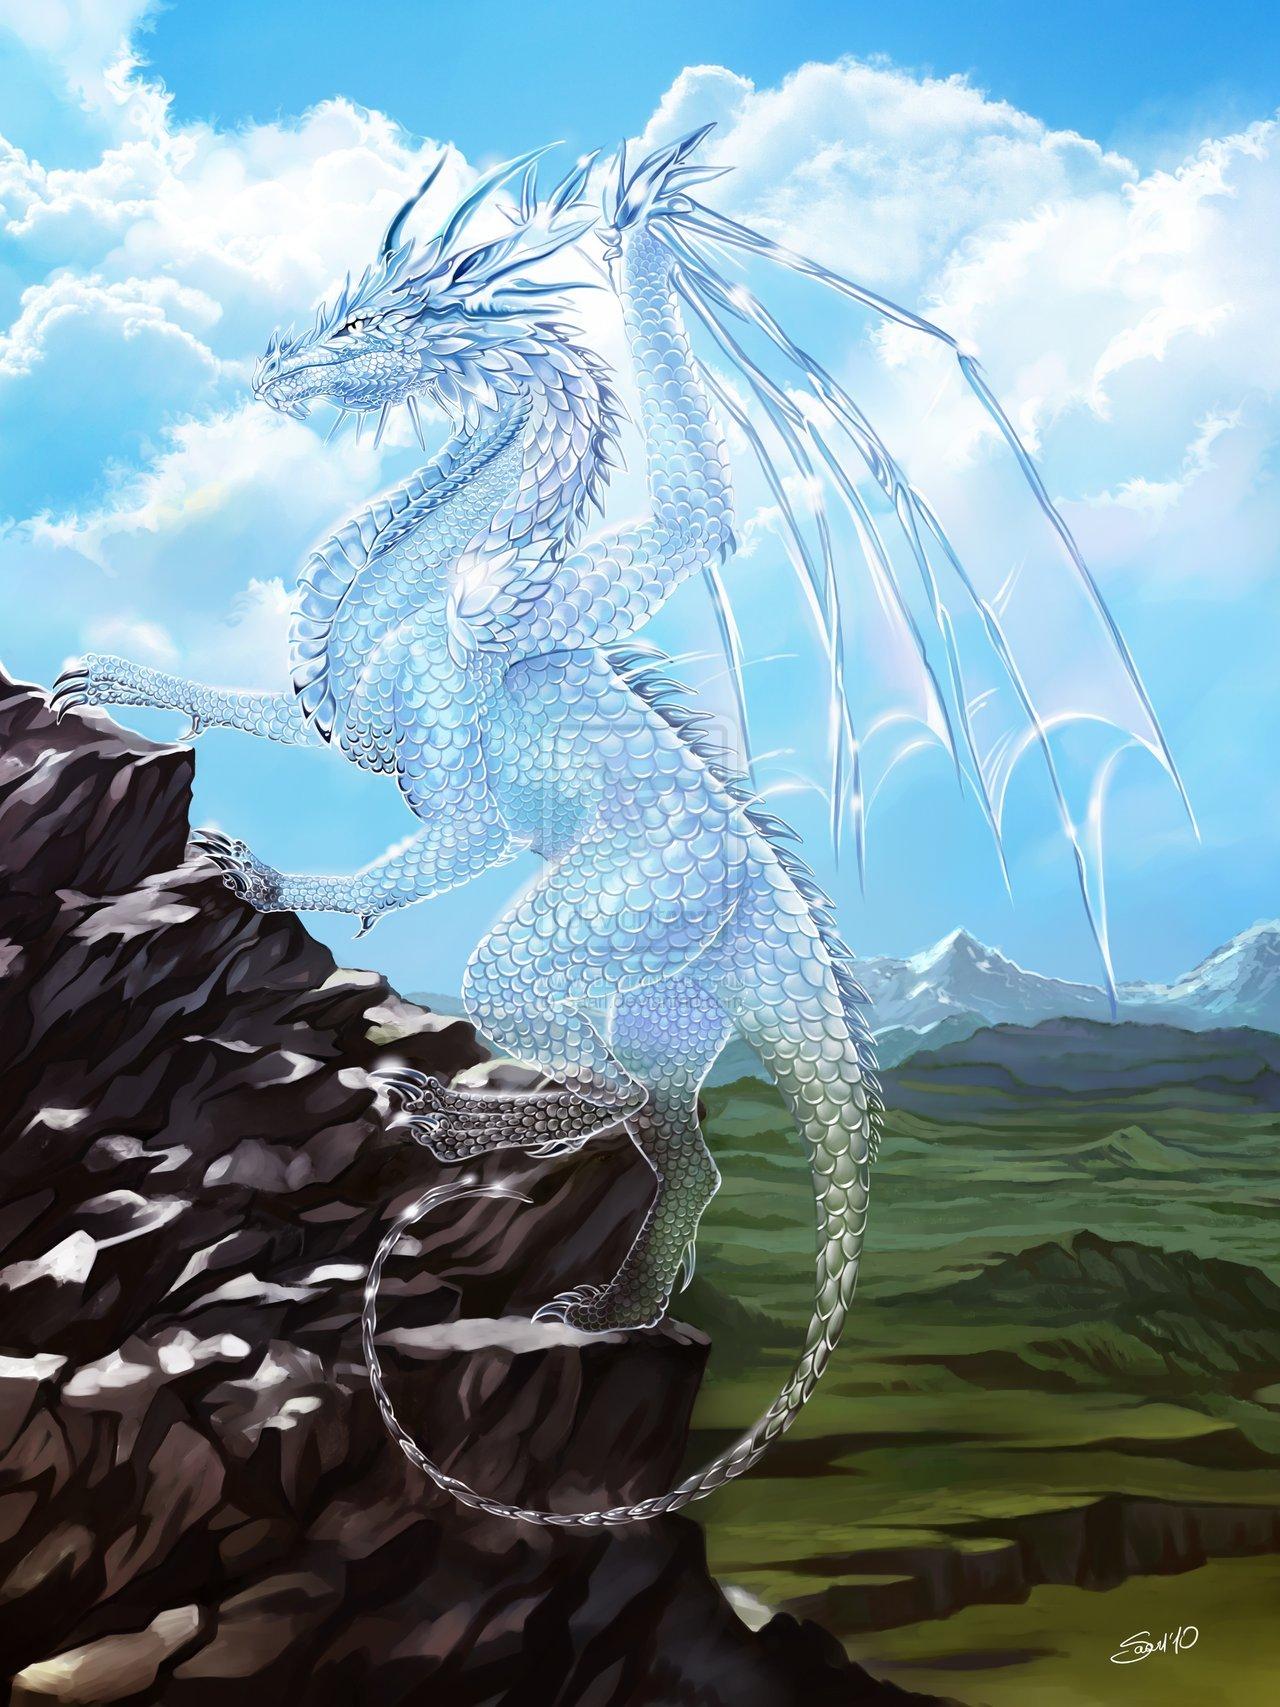 13922 Salvapantallas y fondos de pantalla Imágenes en tu teléfono. Descarga imágenes de Fantasía, Dragones, Imágenes gratis